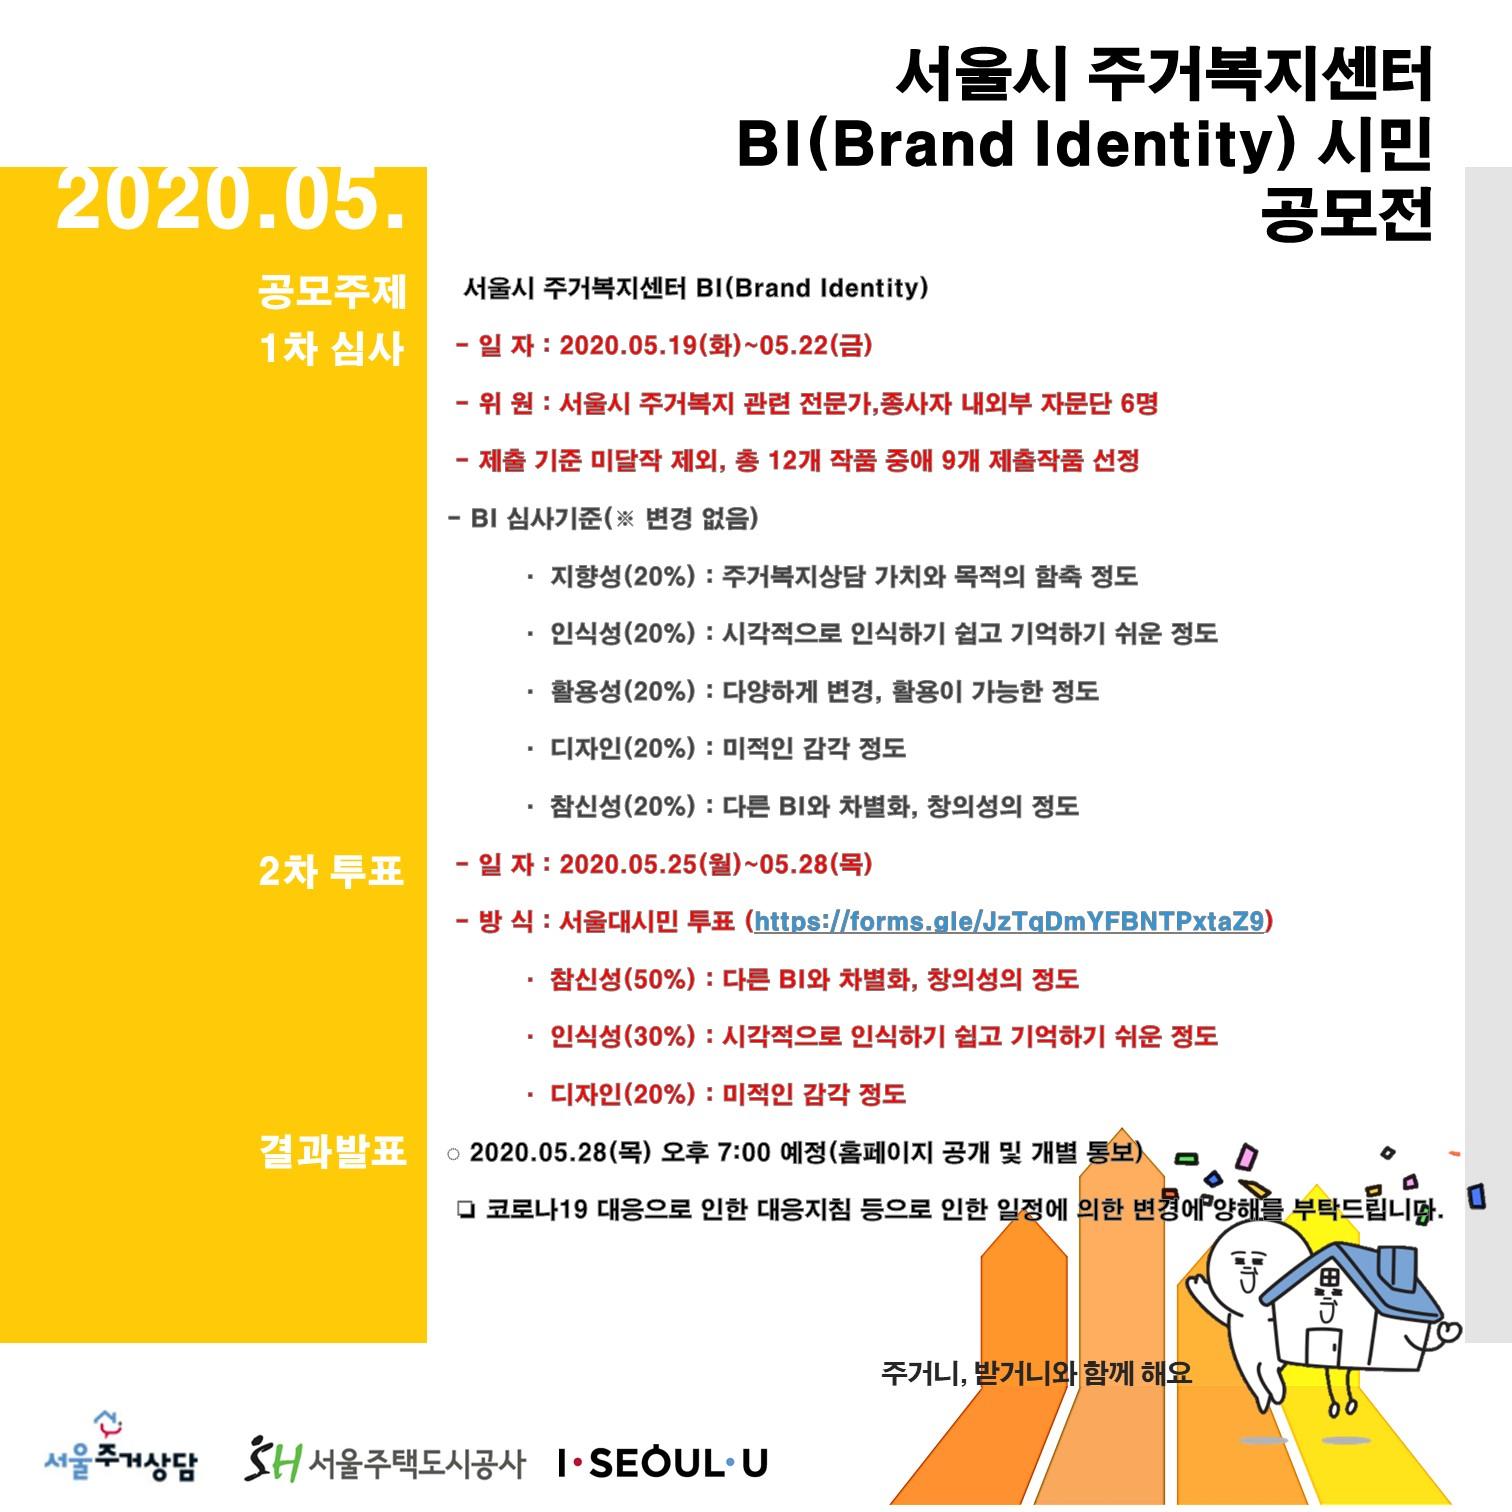 서울시 주거복지센터 BI(Brand Identity) 시민 공모전 일정 변경 안내(바로가기)